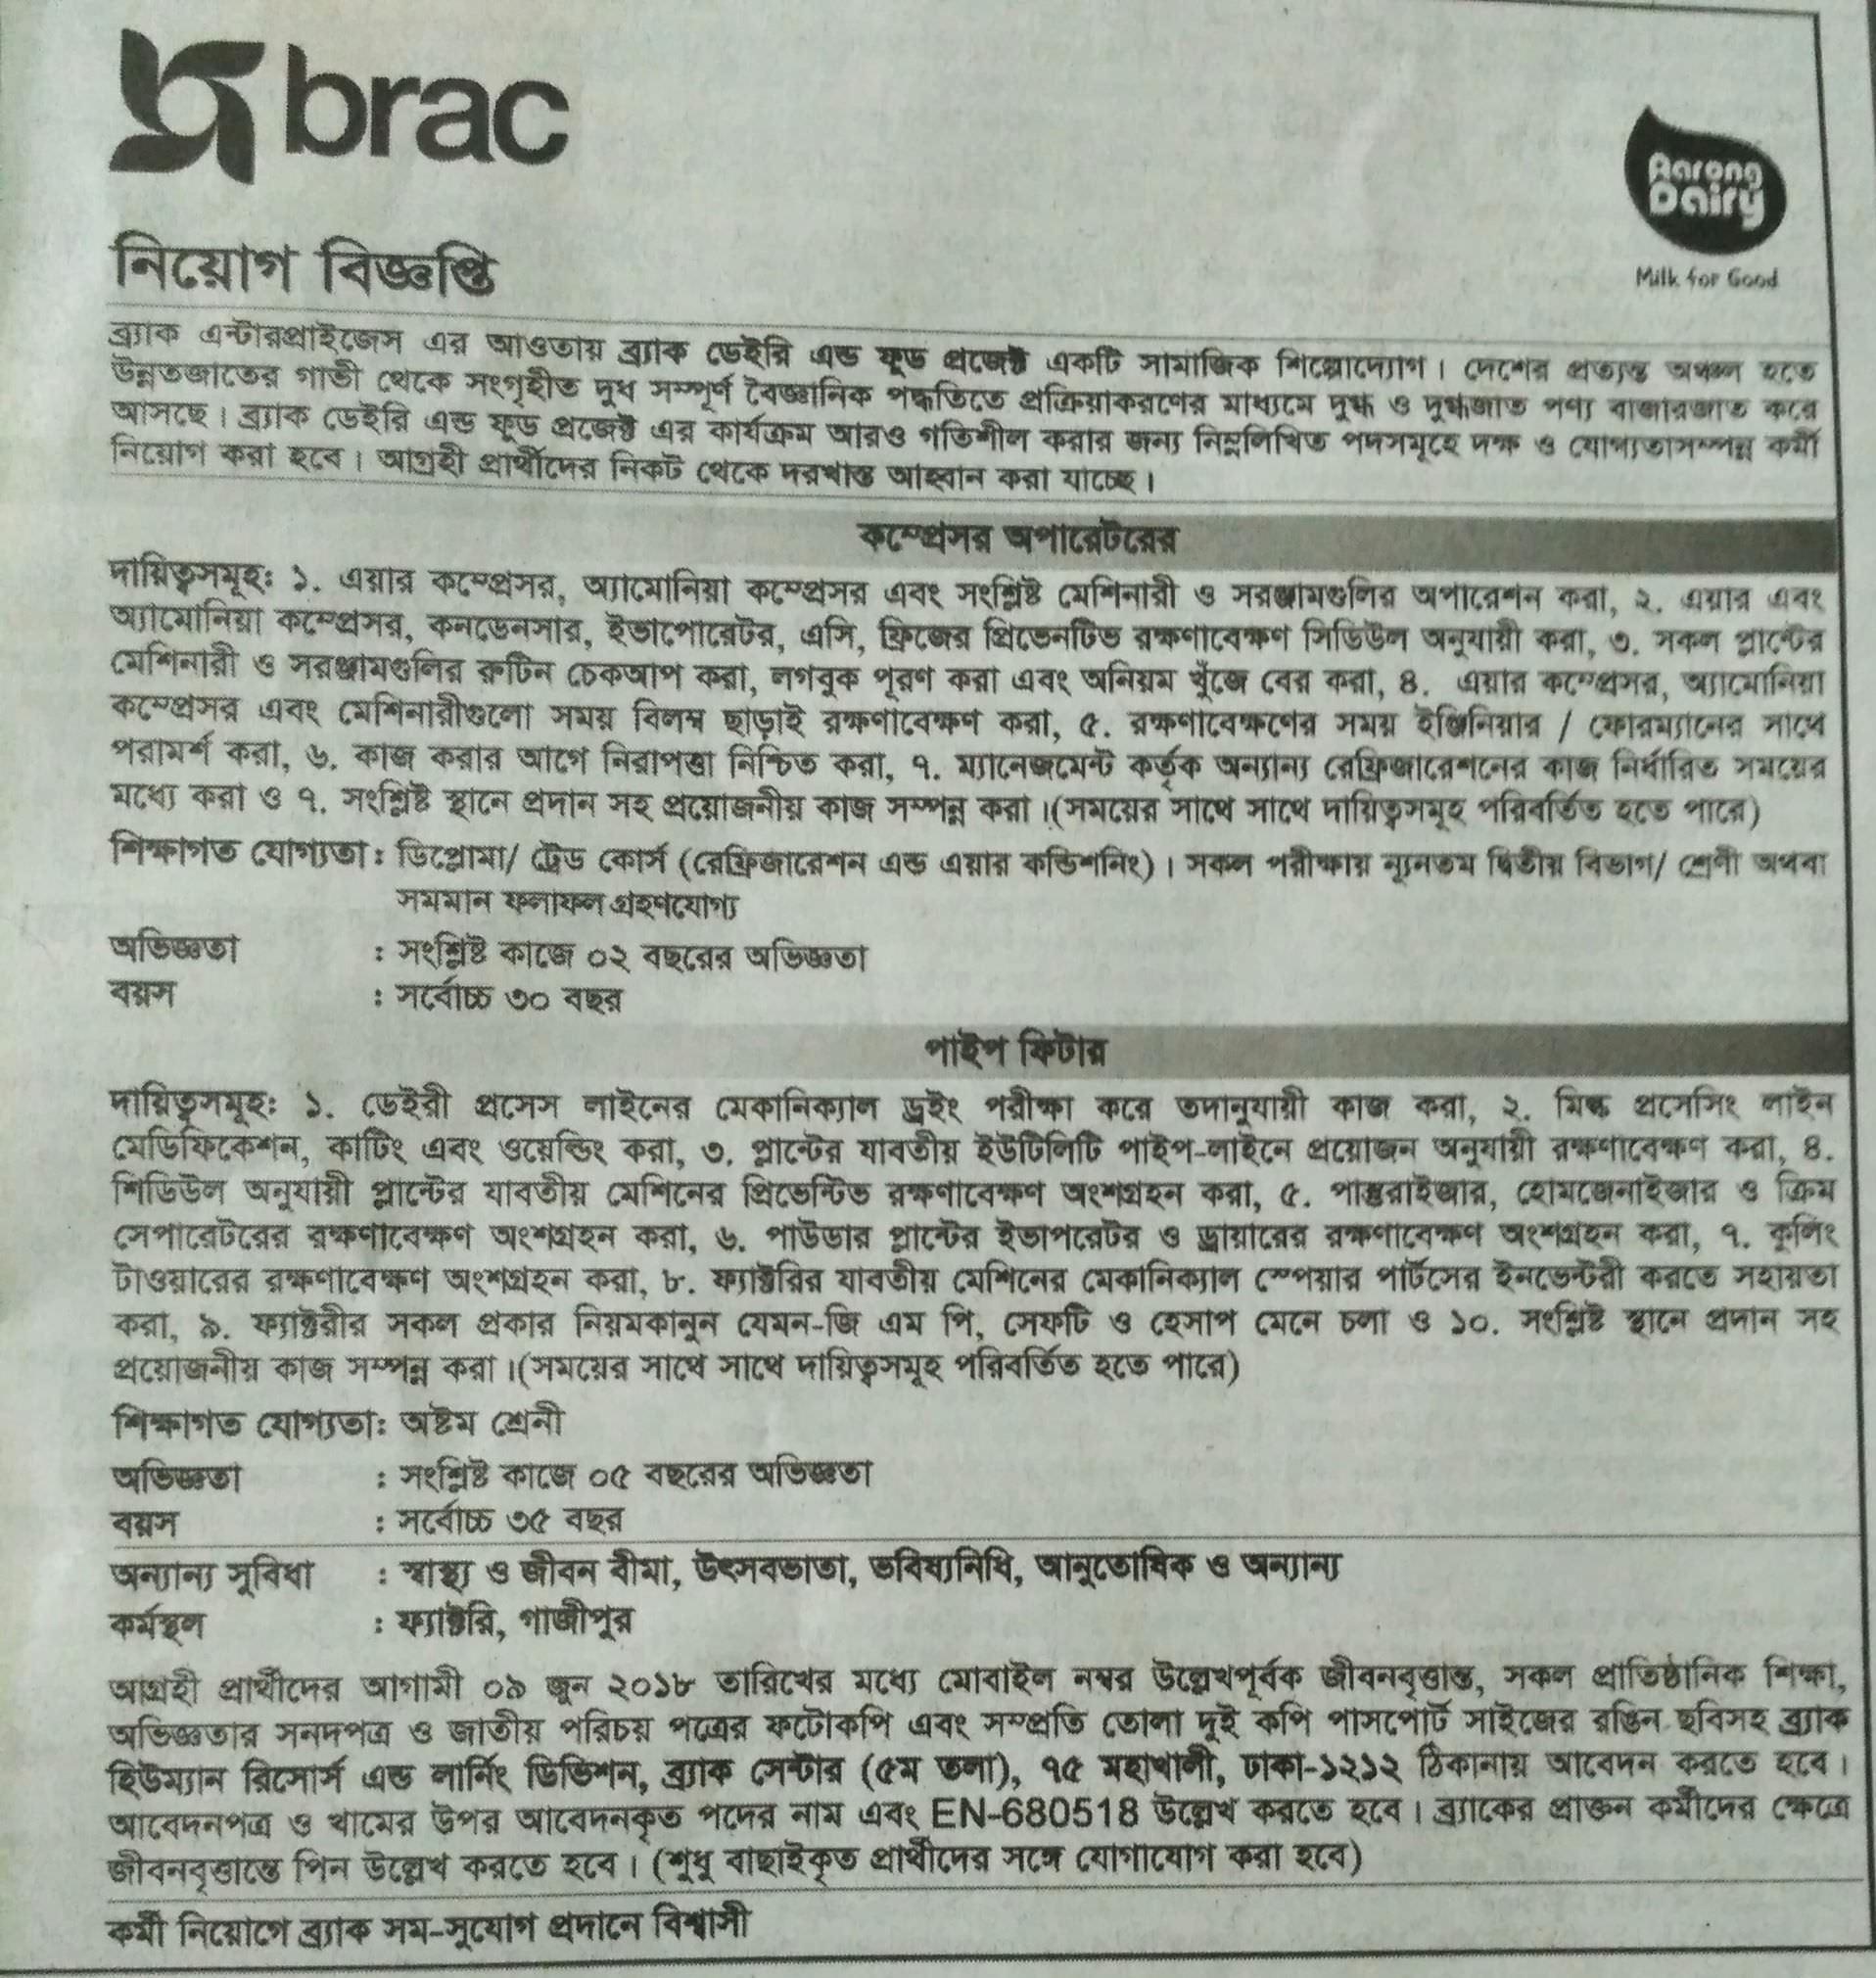 Brac Job Circular 2